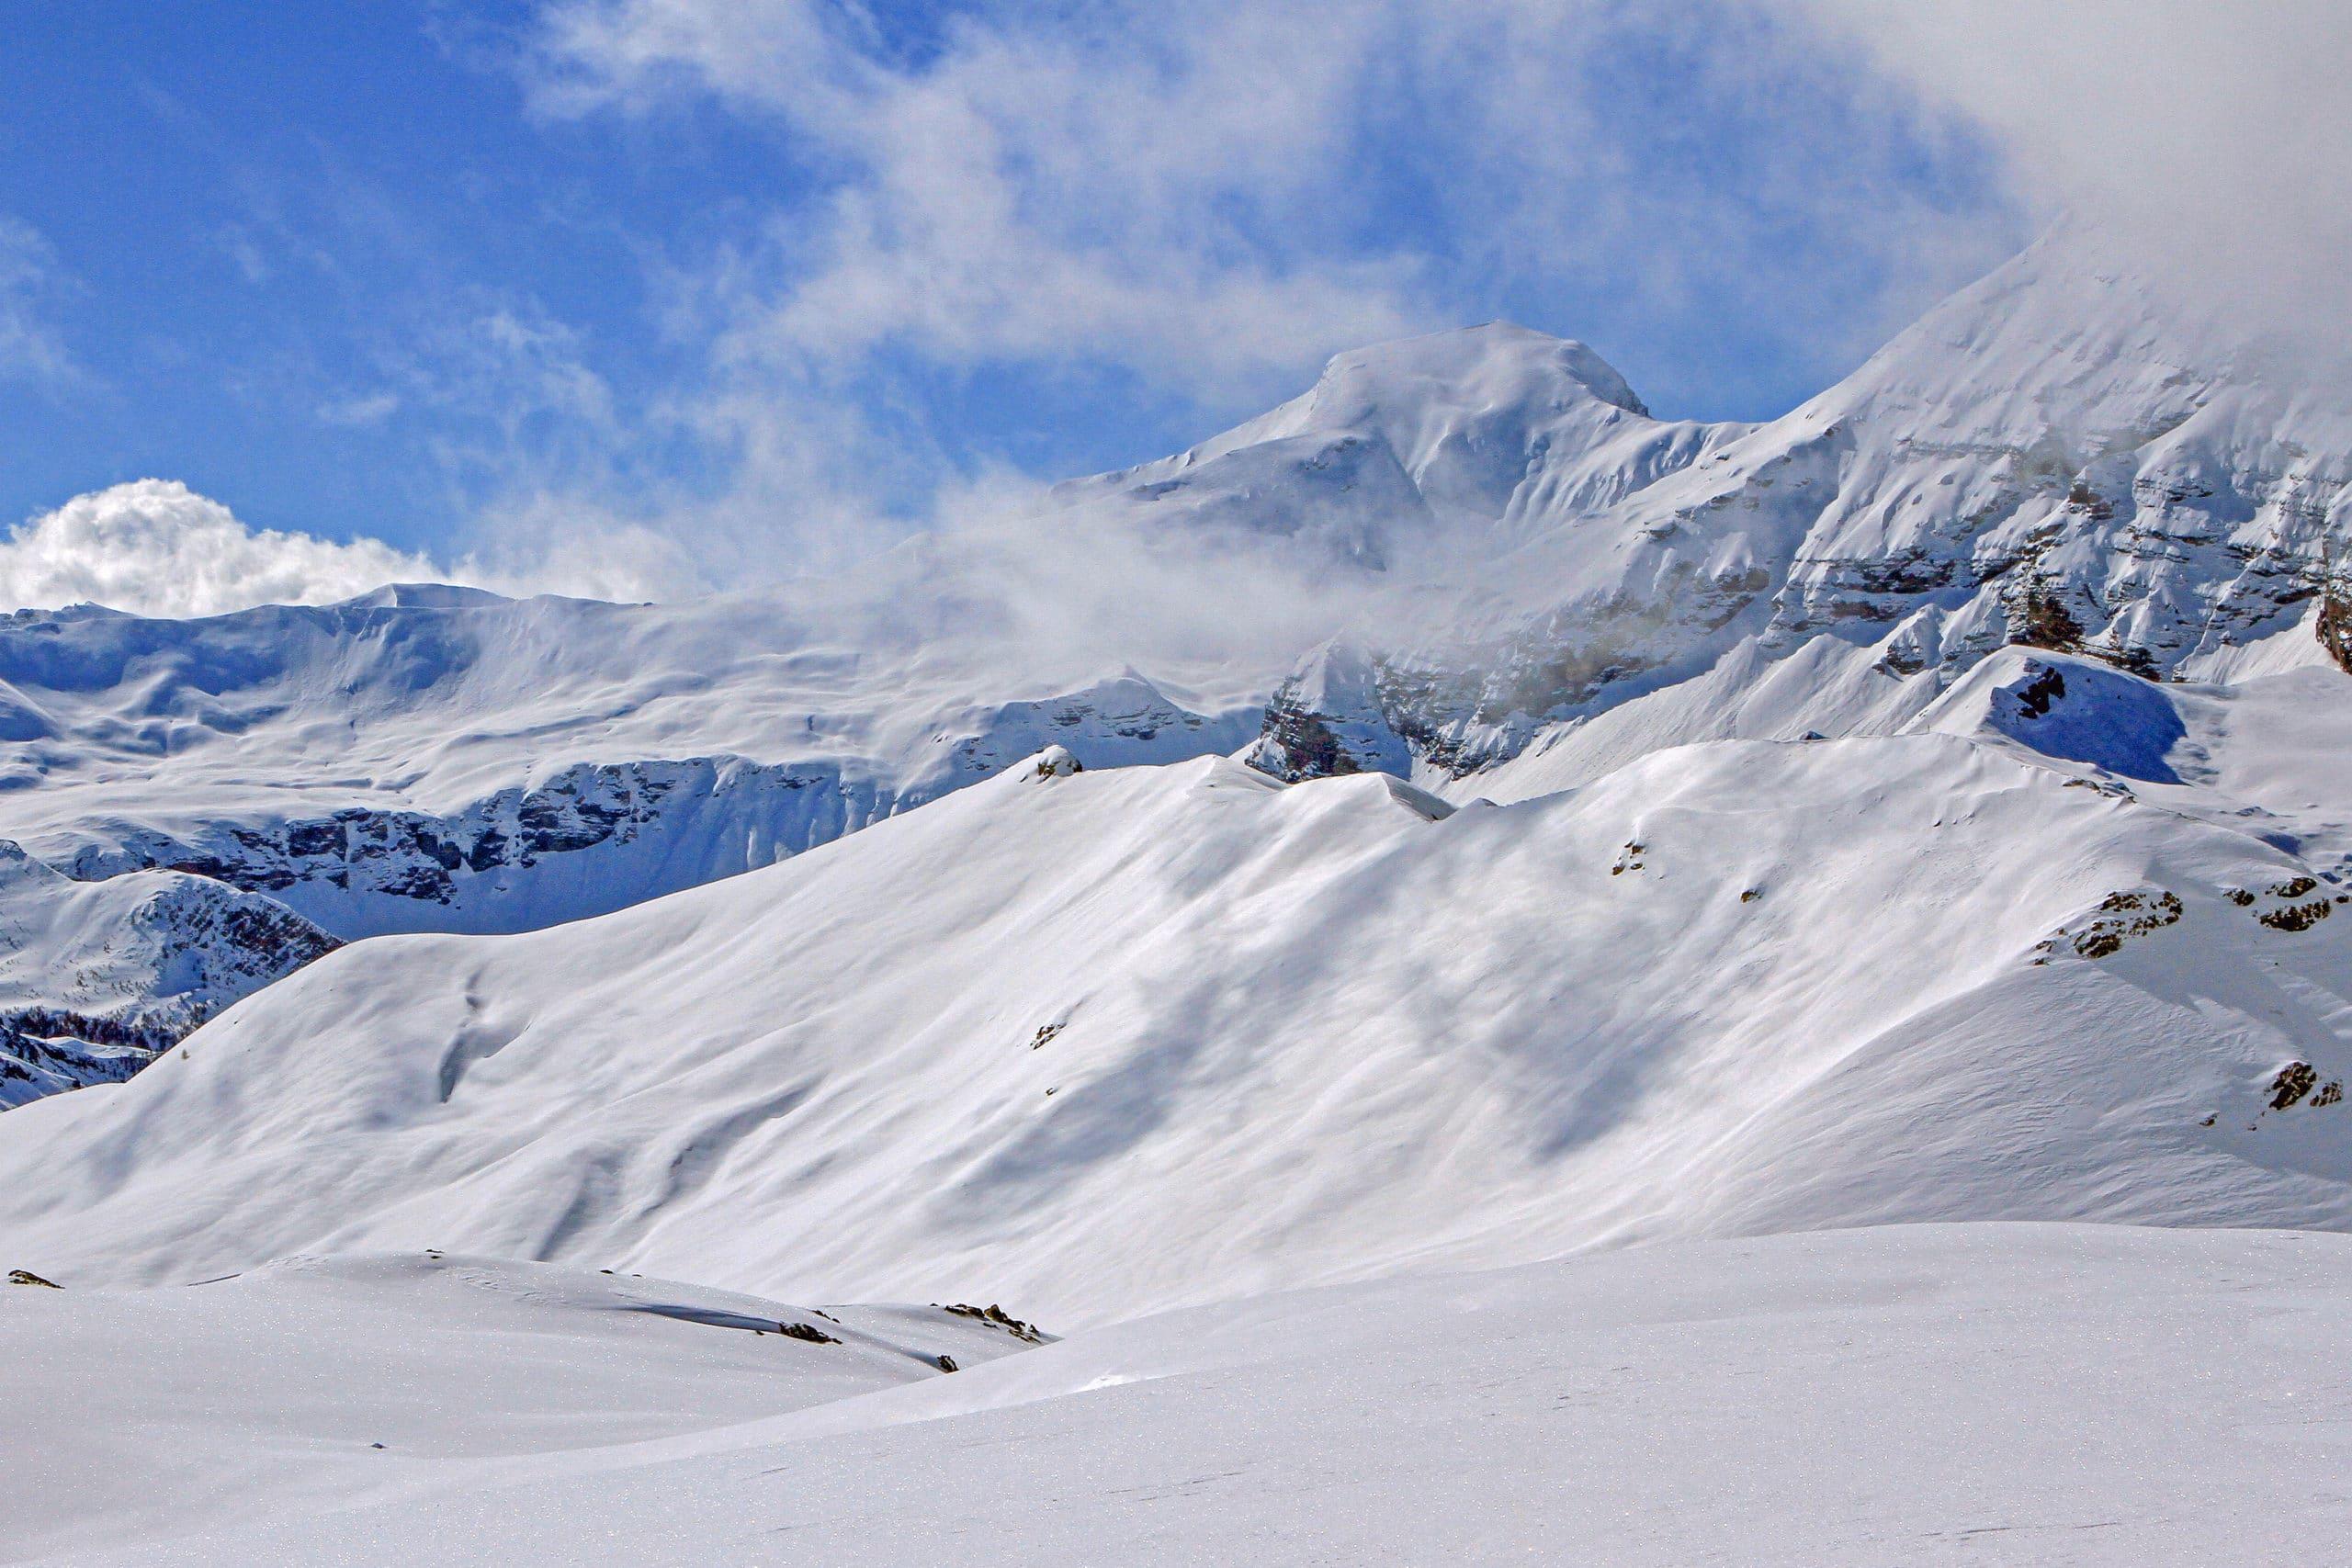 Plateau de Rocherousse Alpi Traineau Orcieres Merlette 1850 Champsaur Hautes Alpes Alpi Traineau Chiens de traineaux